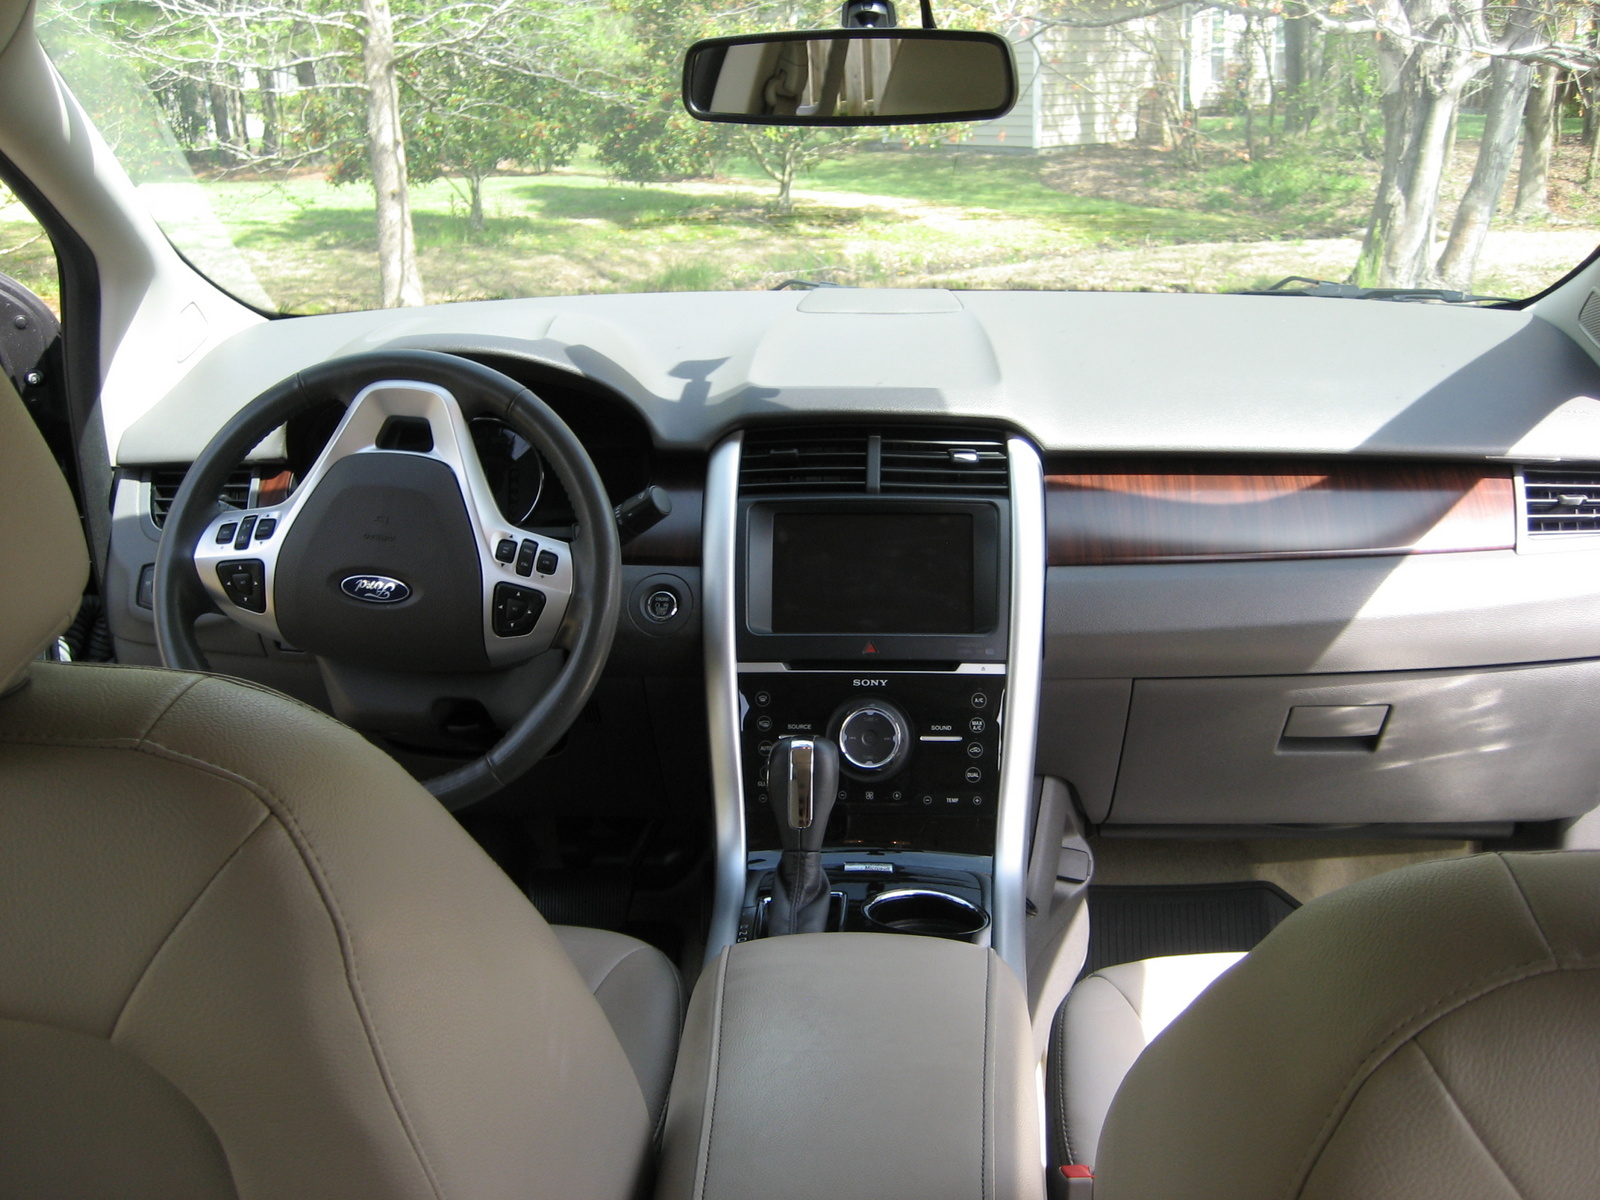 2011 Ford Edge Interior Pictures Cargurus